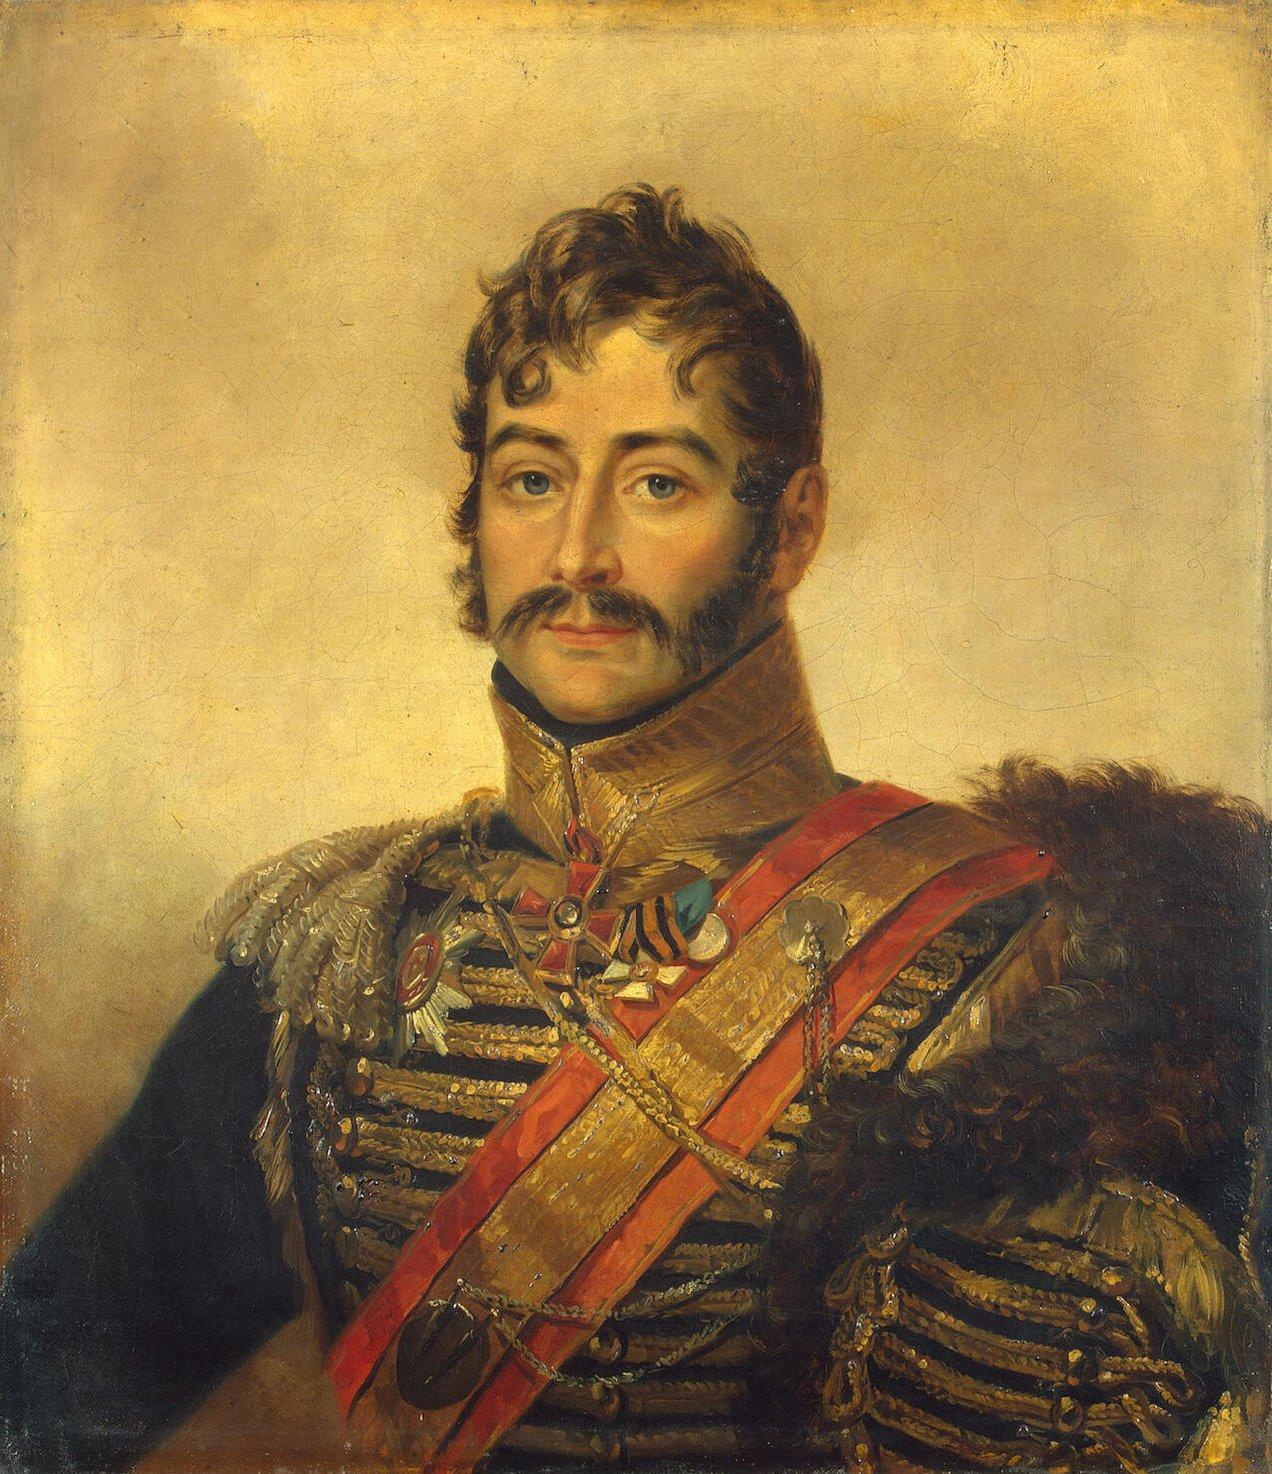 Меллер-Закомельский, Егор Иванович